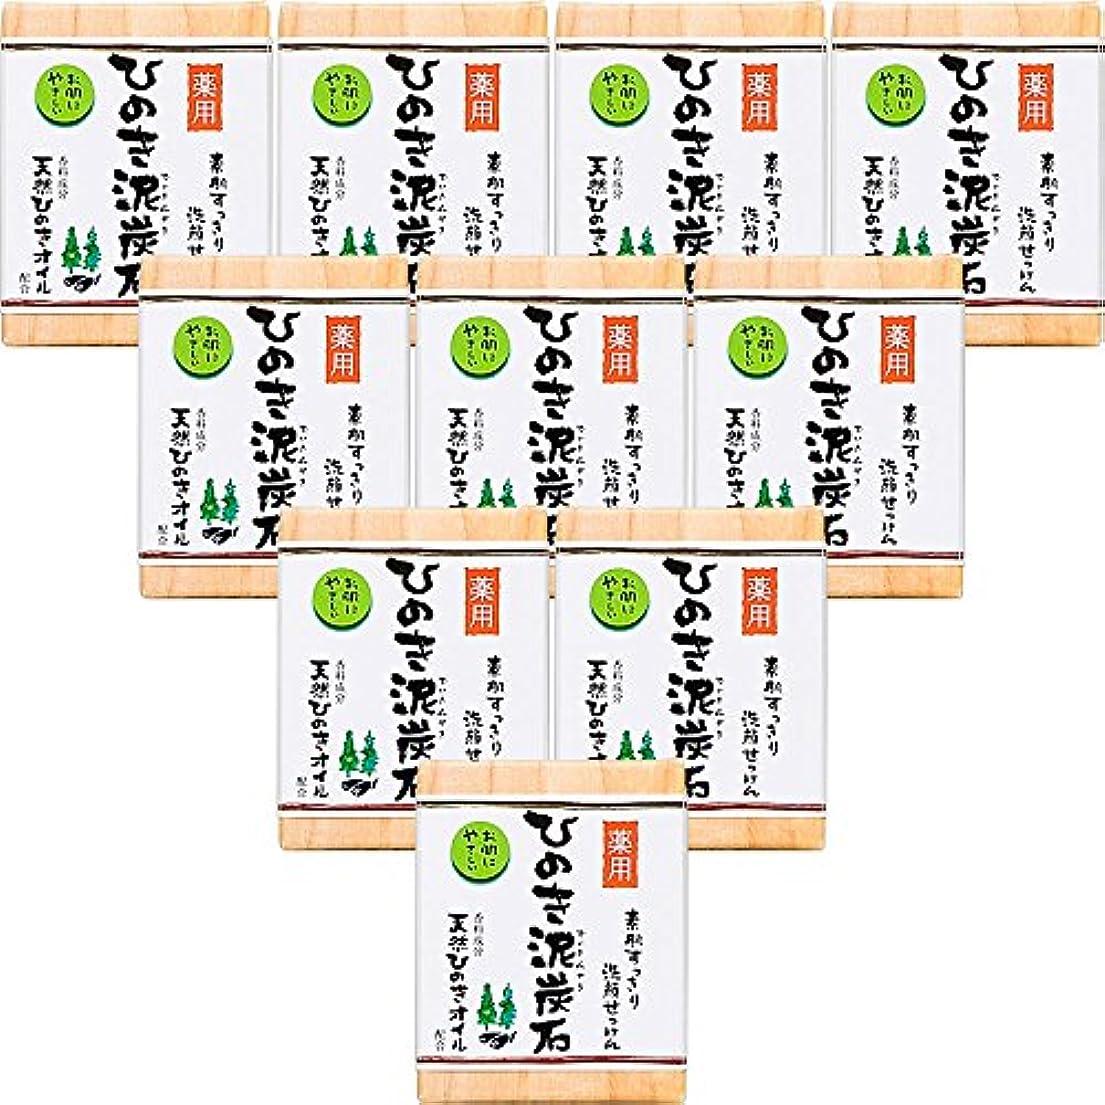 ドロー破滅近似薬用 ひのき泥炭石 洗顔せっけん (75g×10個) 石けん [天然ひのきオイル配合] 肌荒れ防止